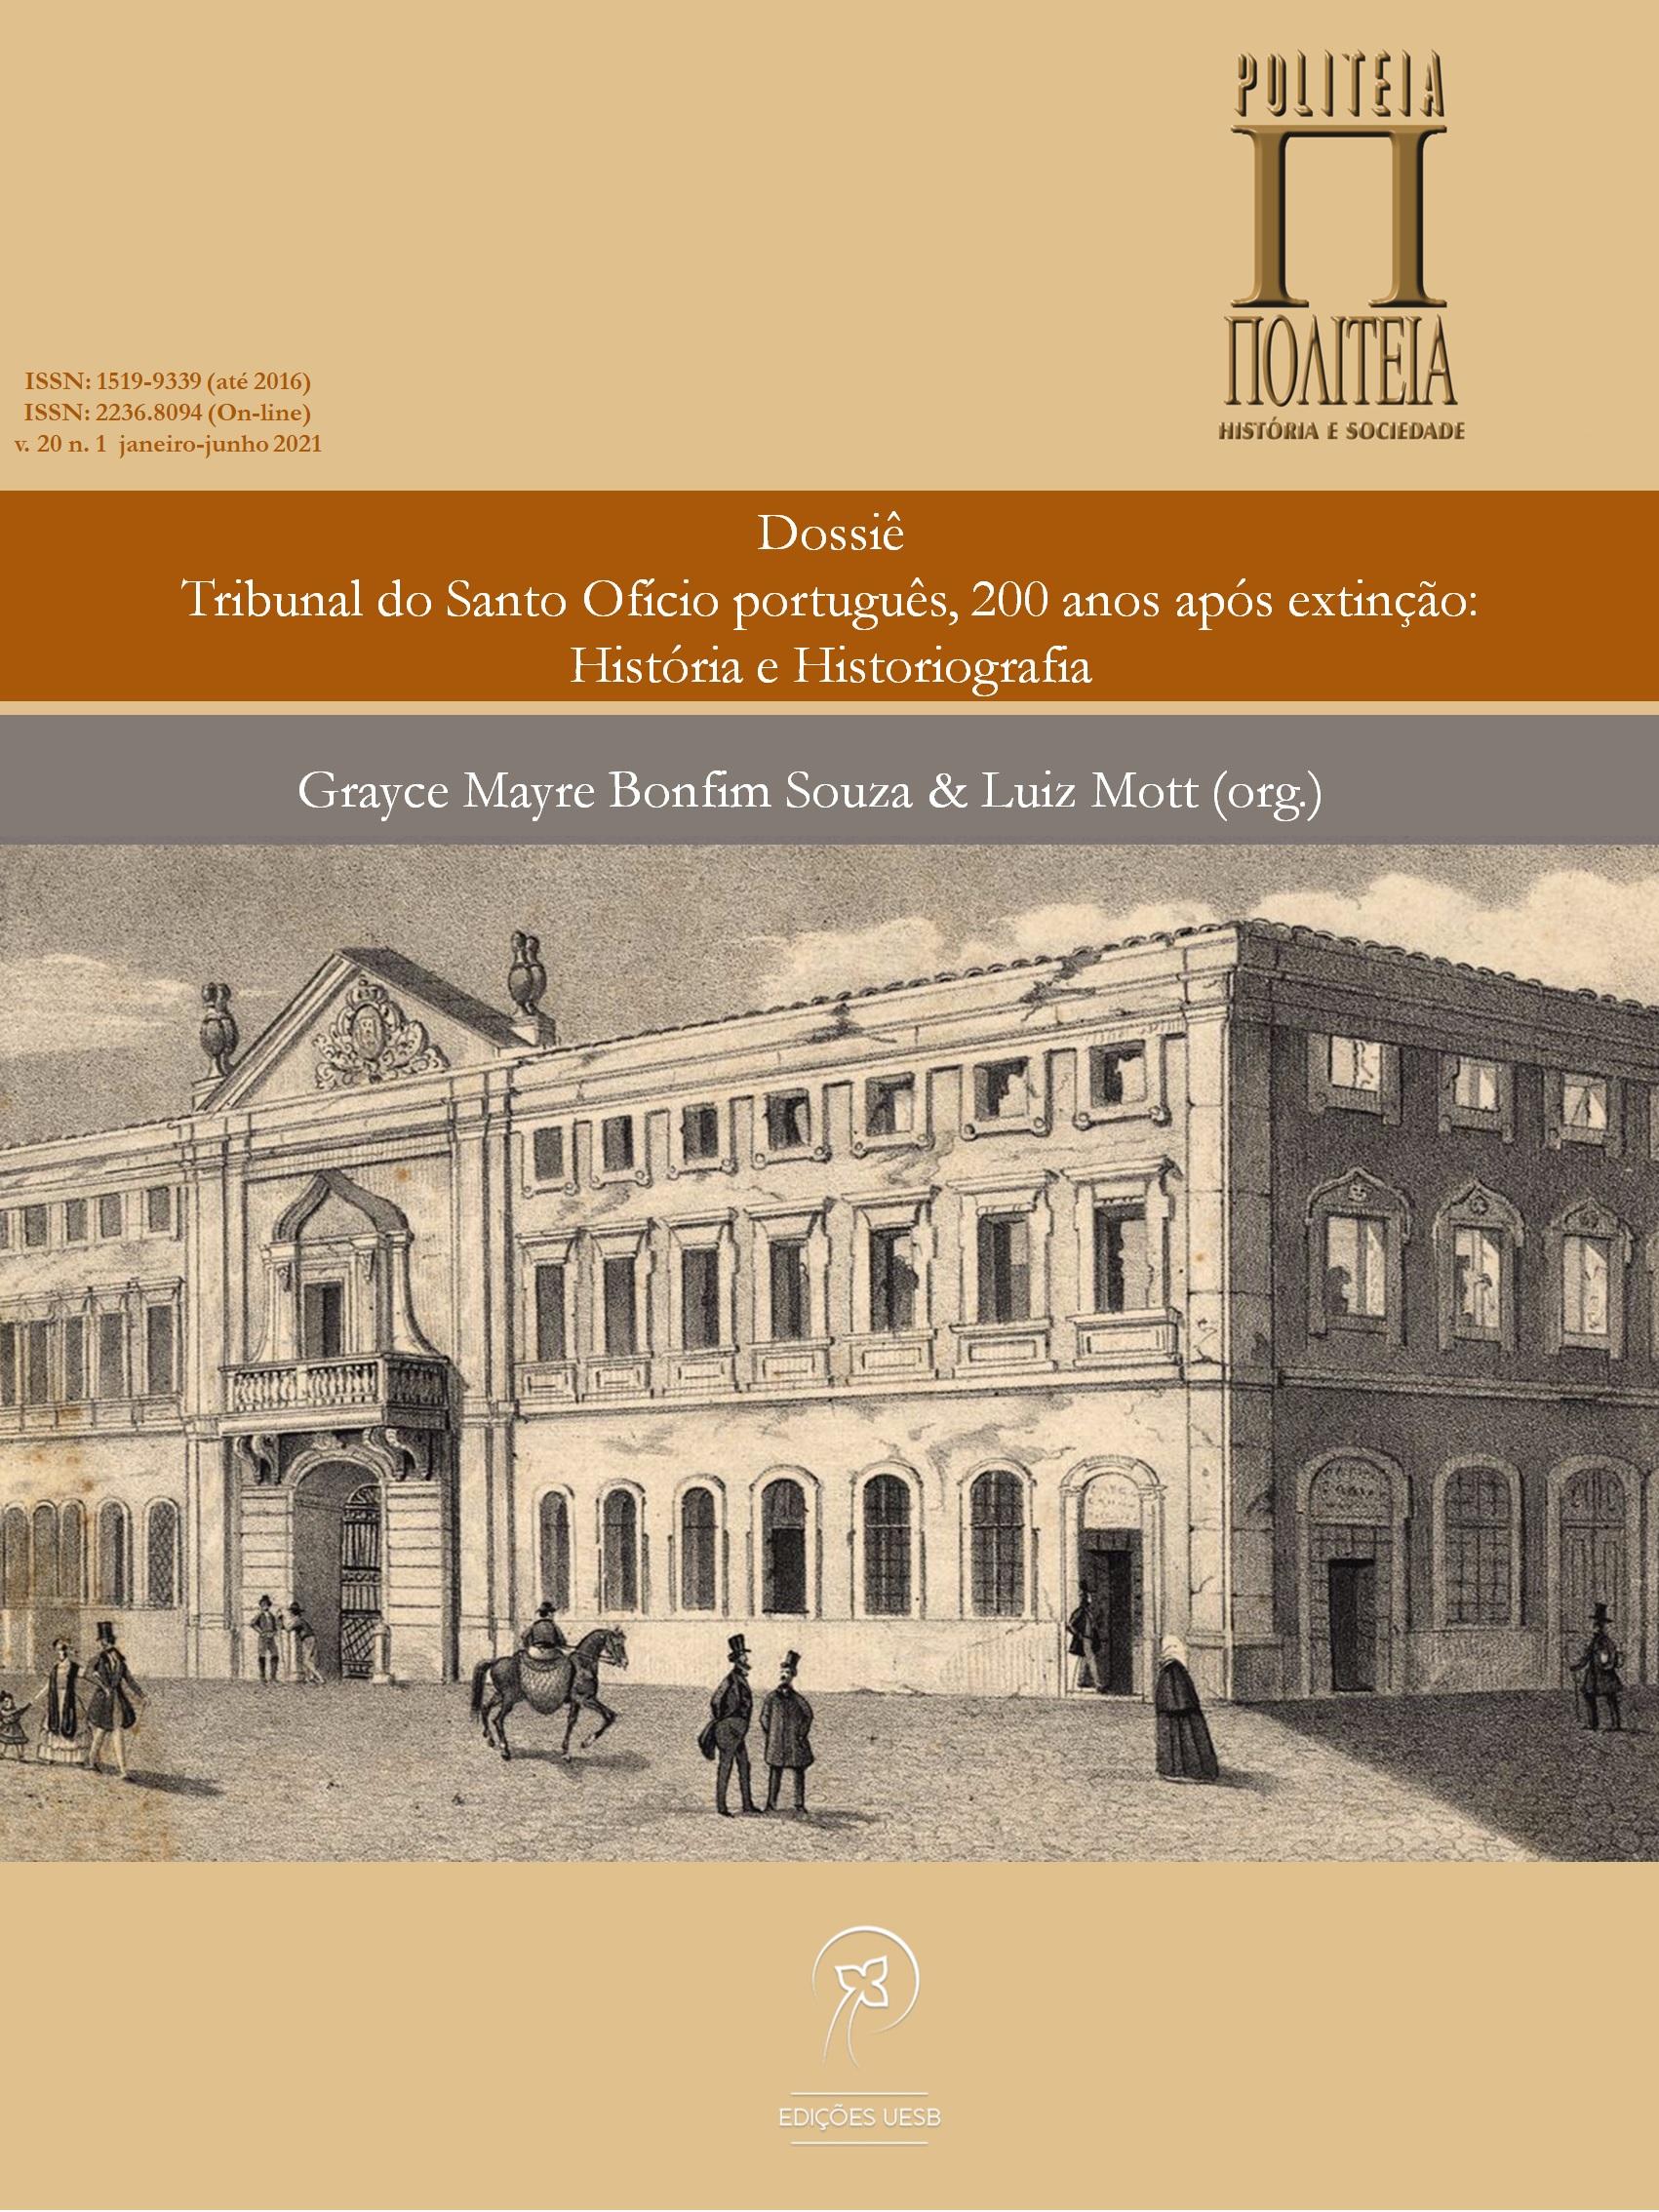 Visualizar v. 20 n. 1 (2021): Dossiê Temático Tribunal do Santo Ofício Português, 200 anos após extinção: História e Historiografia